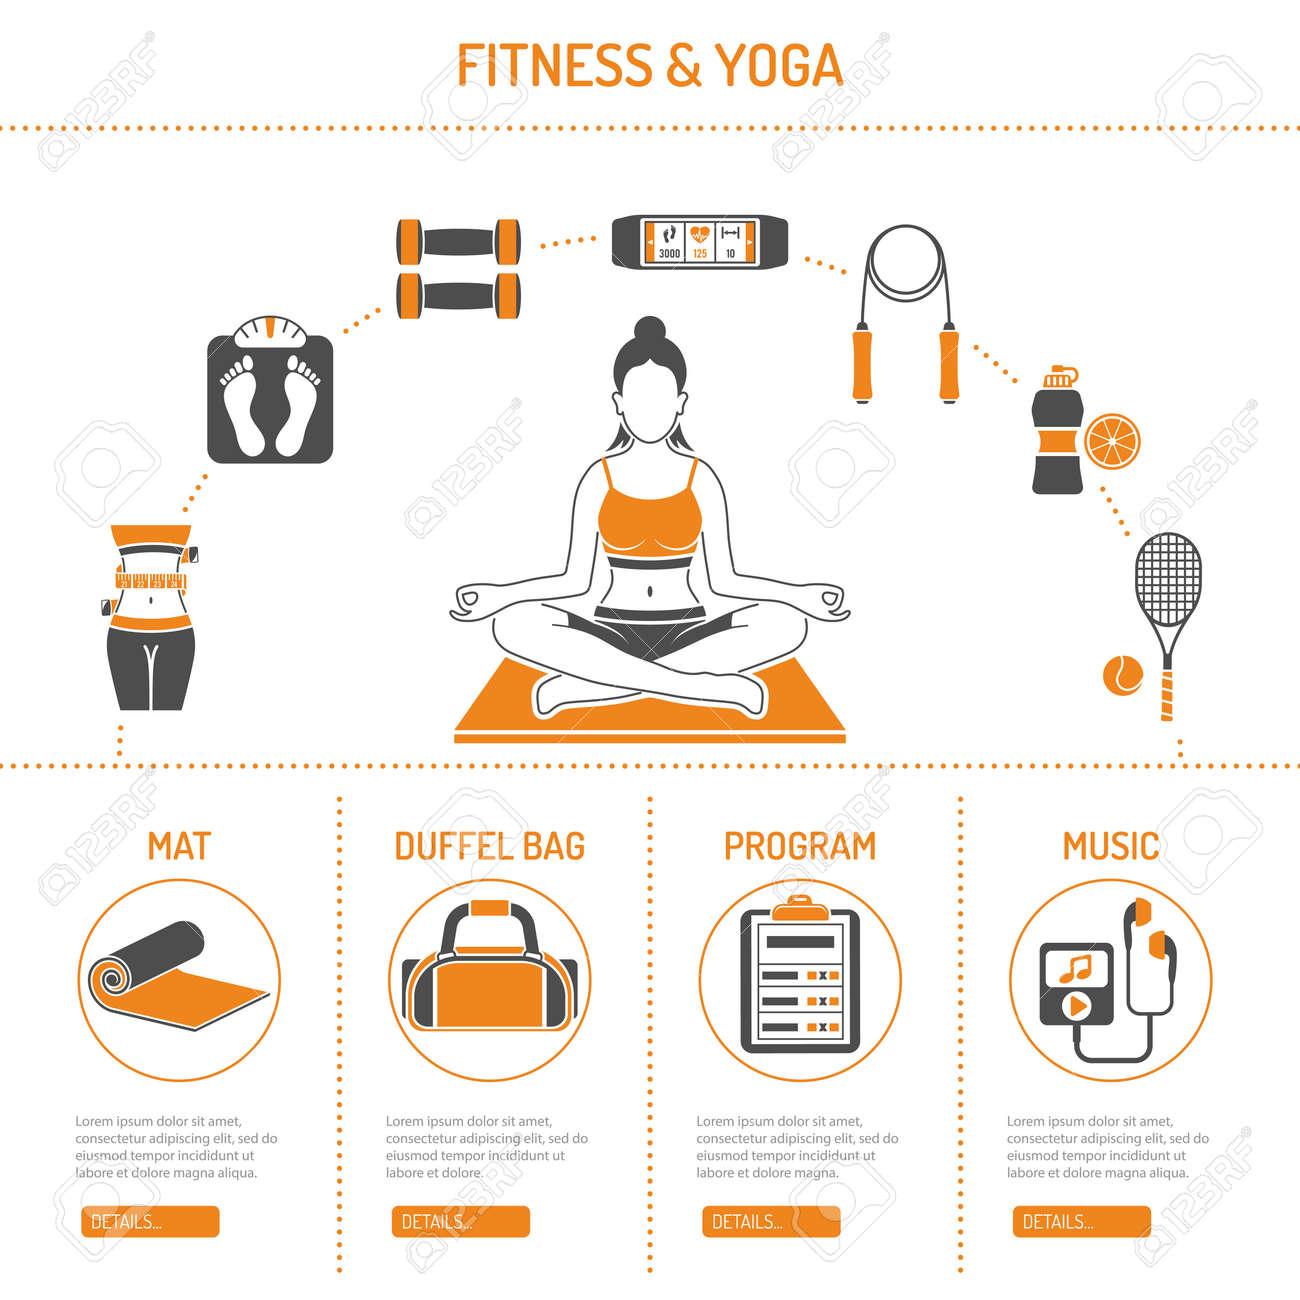 las mejores aplicaciones y sitios web para fitness y yoga